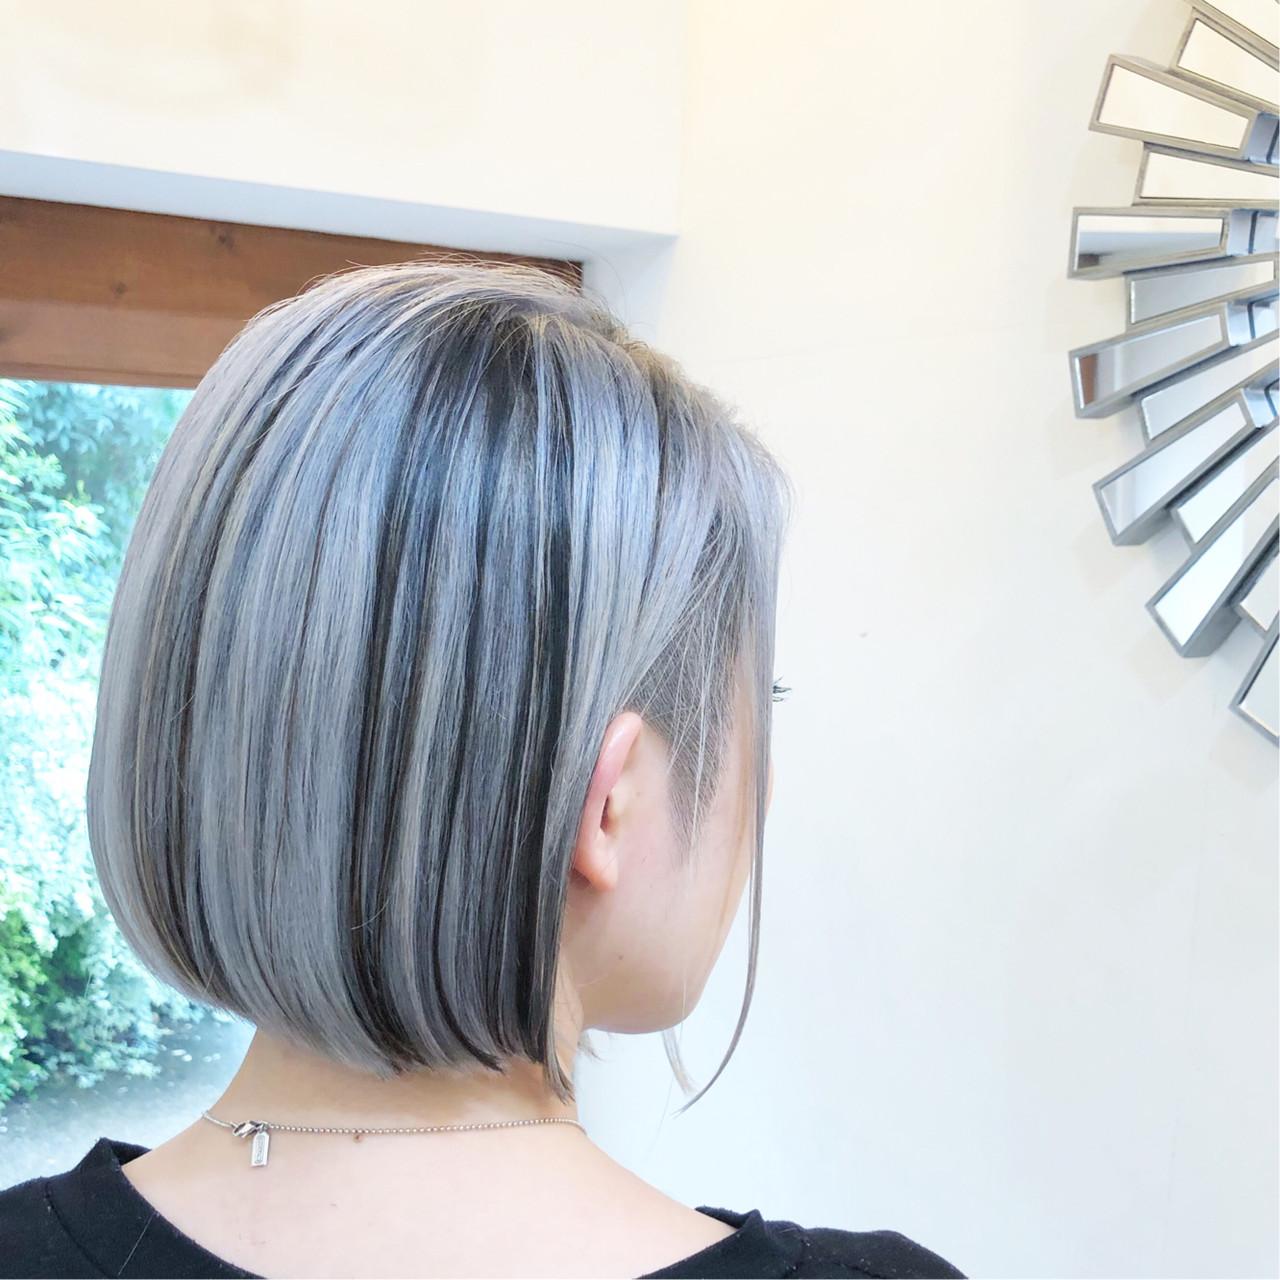 ハイライト ナチュラル ユニコーンカラー バレイヤージュ ヘアスタイルや髪型の写真・画像